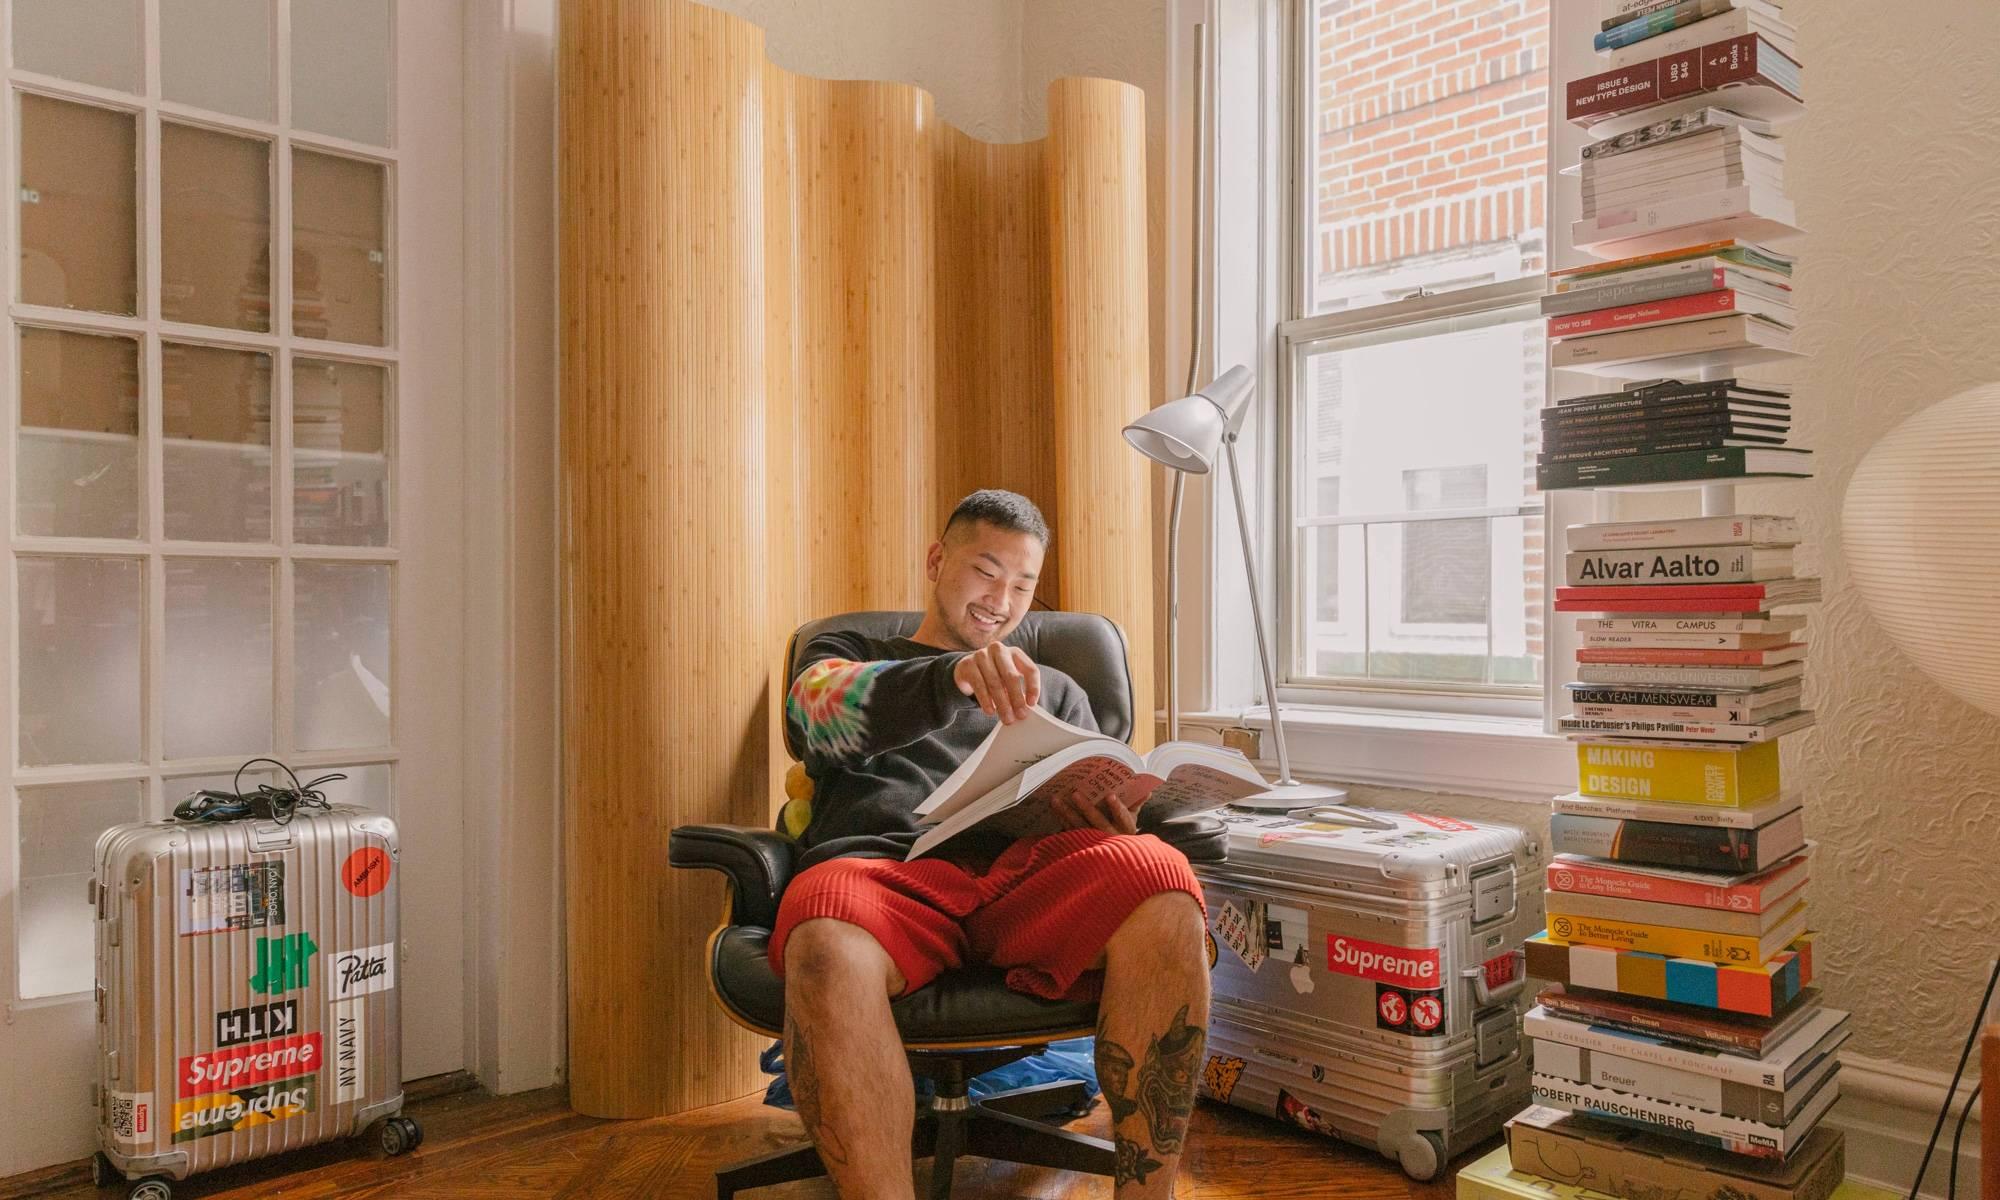 Justin Ryan Kim in an eames chair.